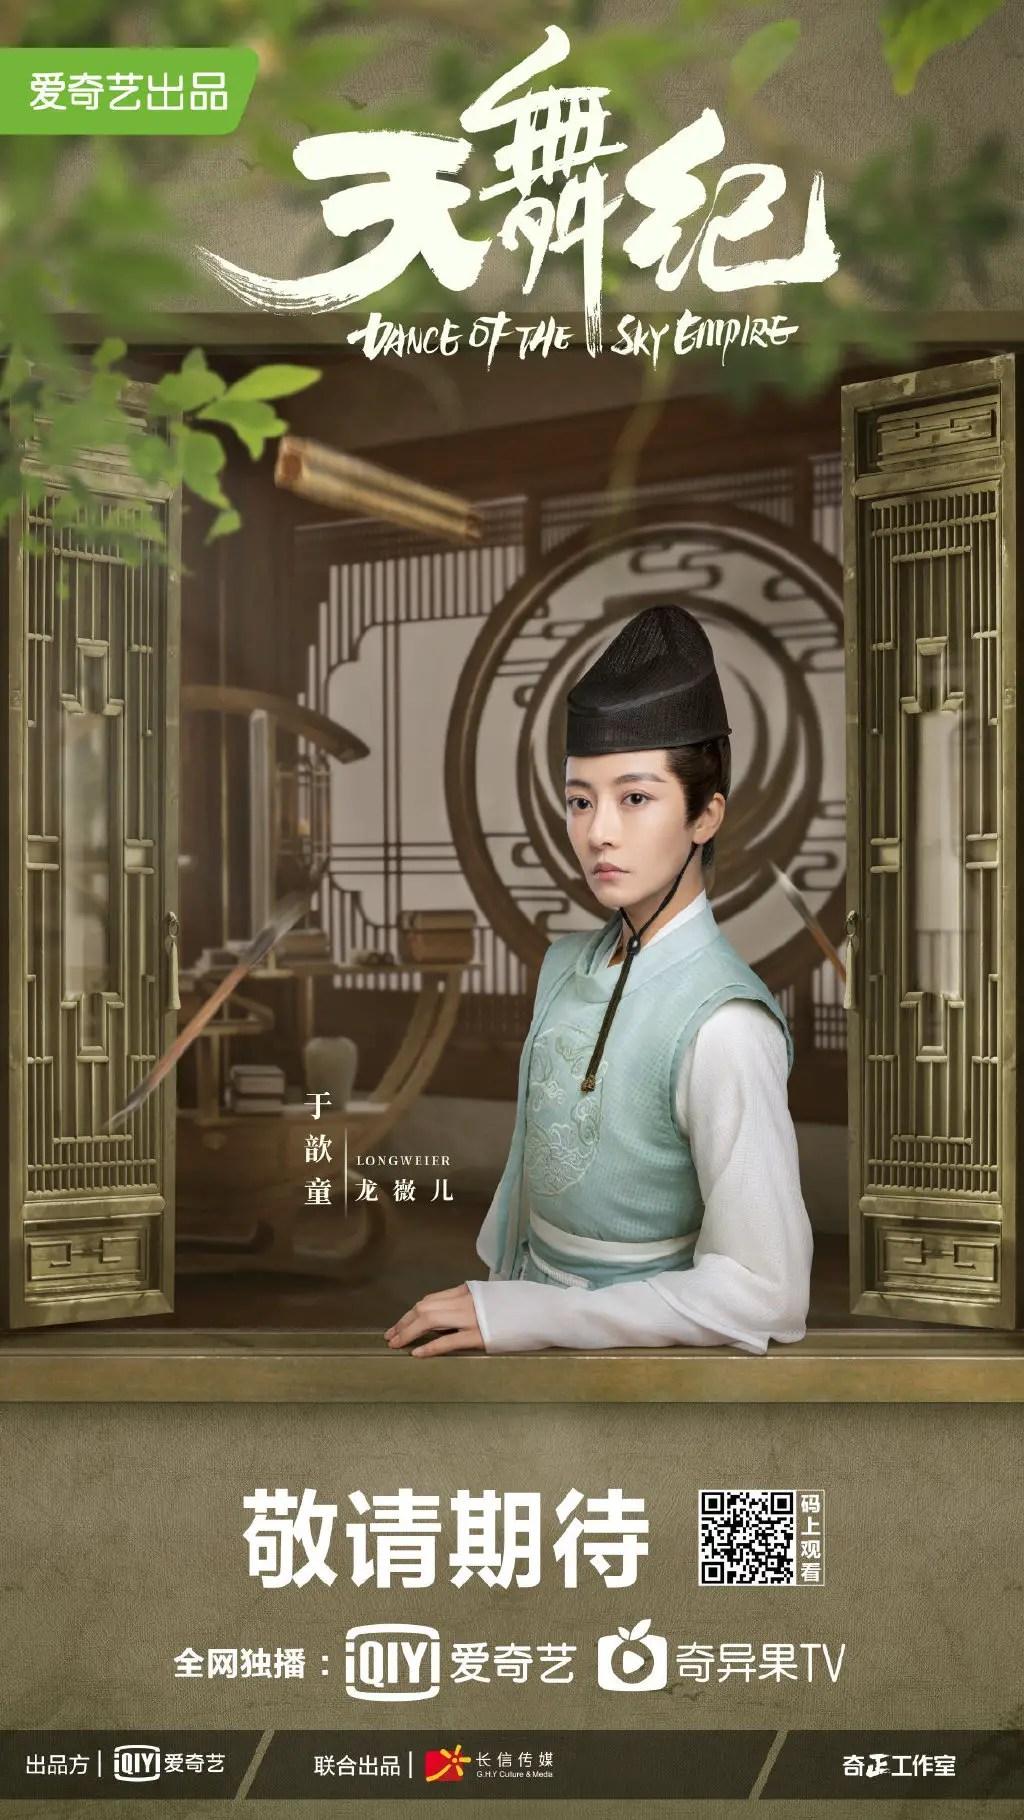 Yu Xin Tong